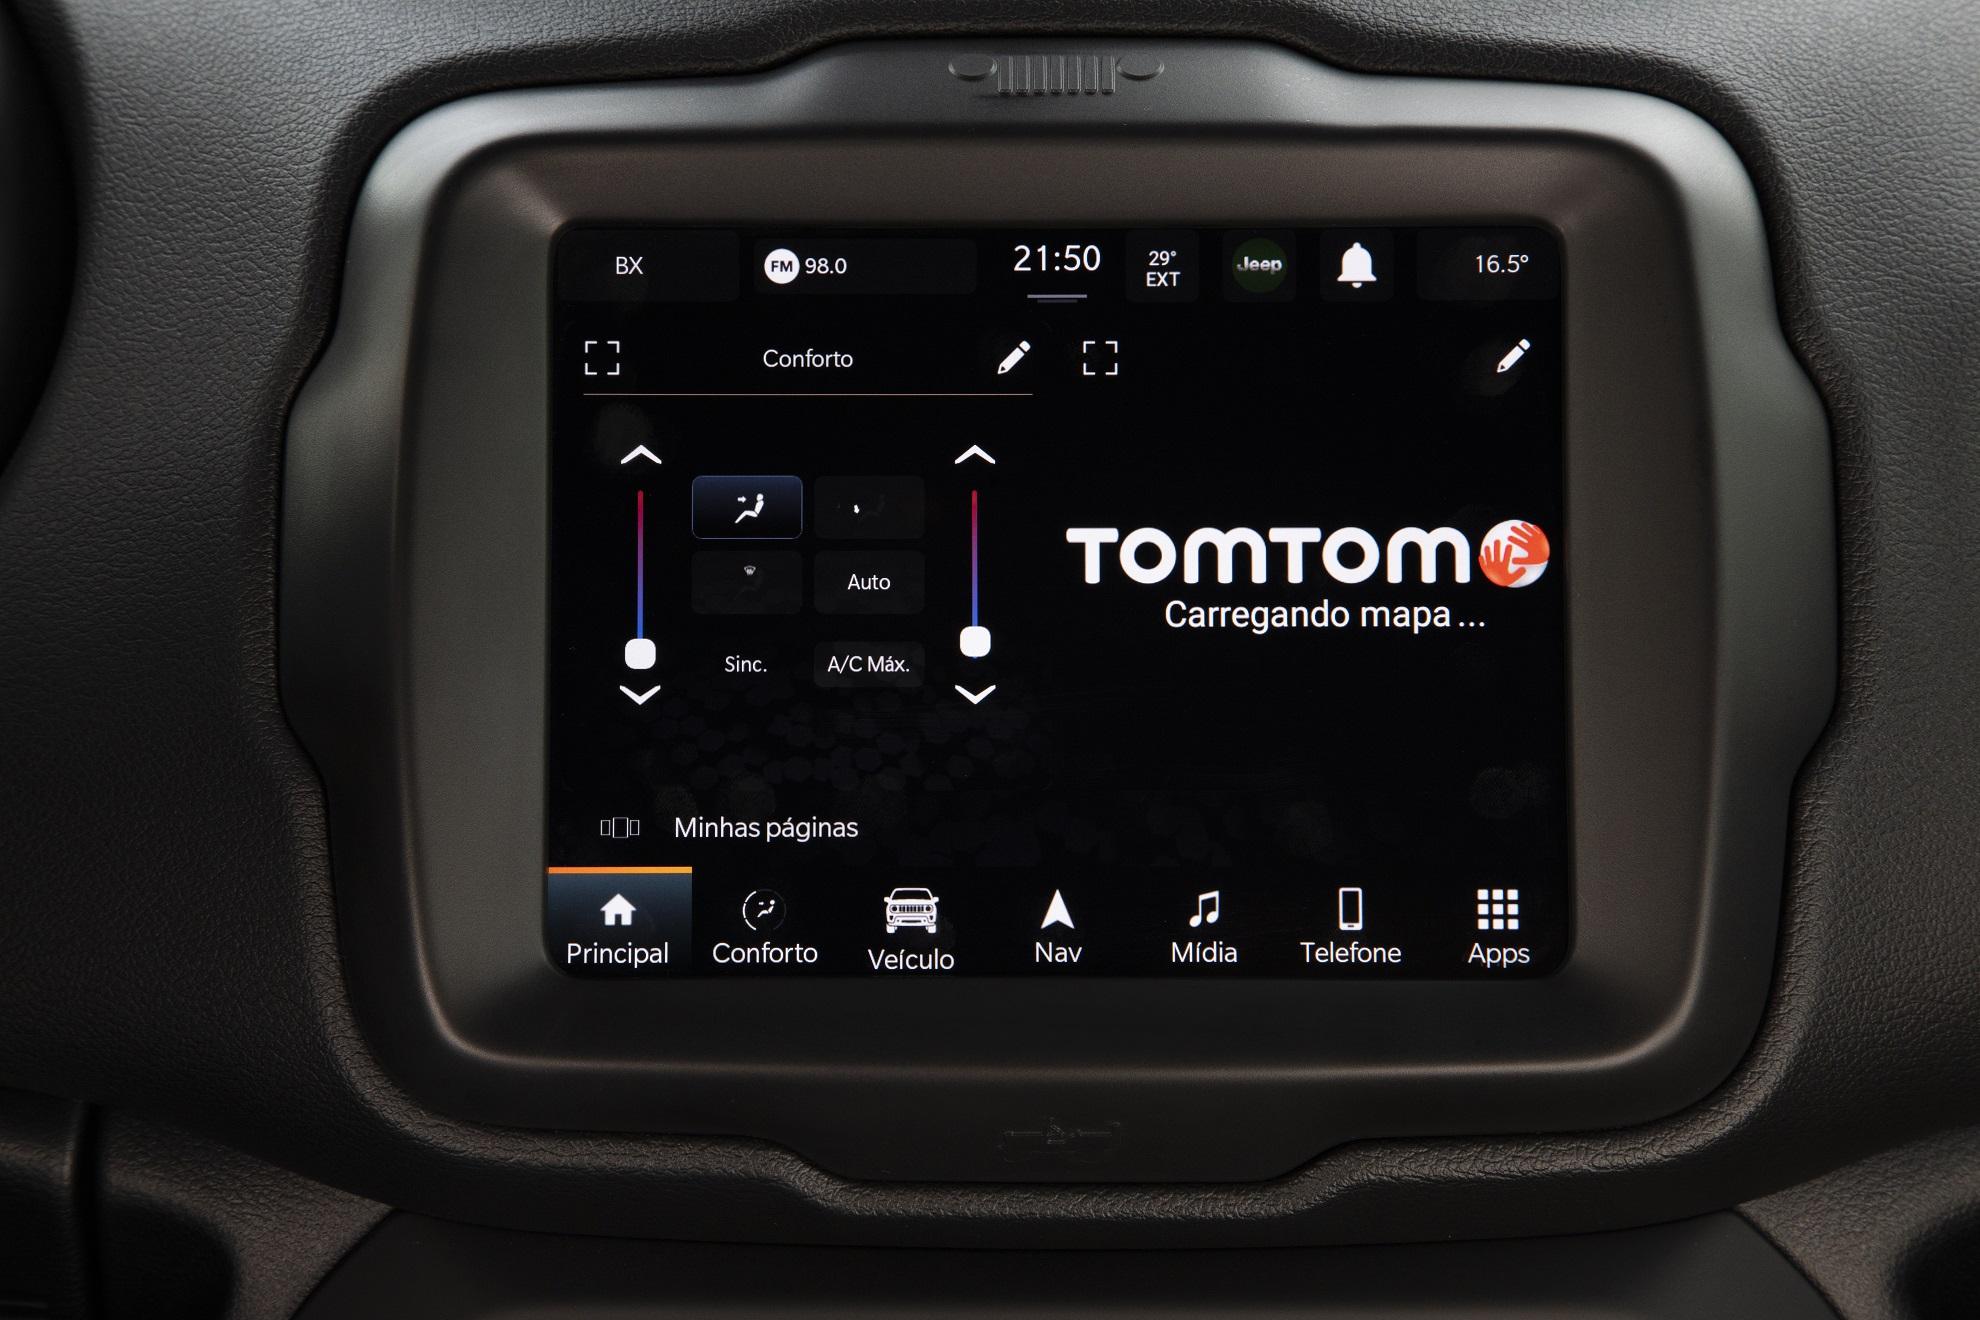 Adventure Intelligence oferece seu próprio app de navegação em parceria com a TomTom